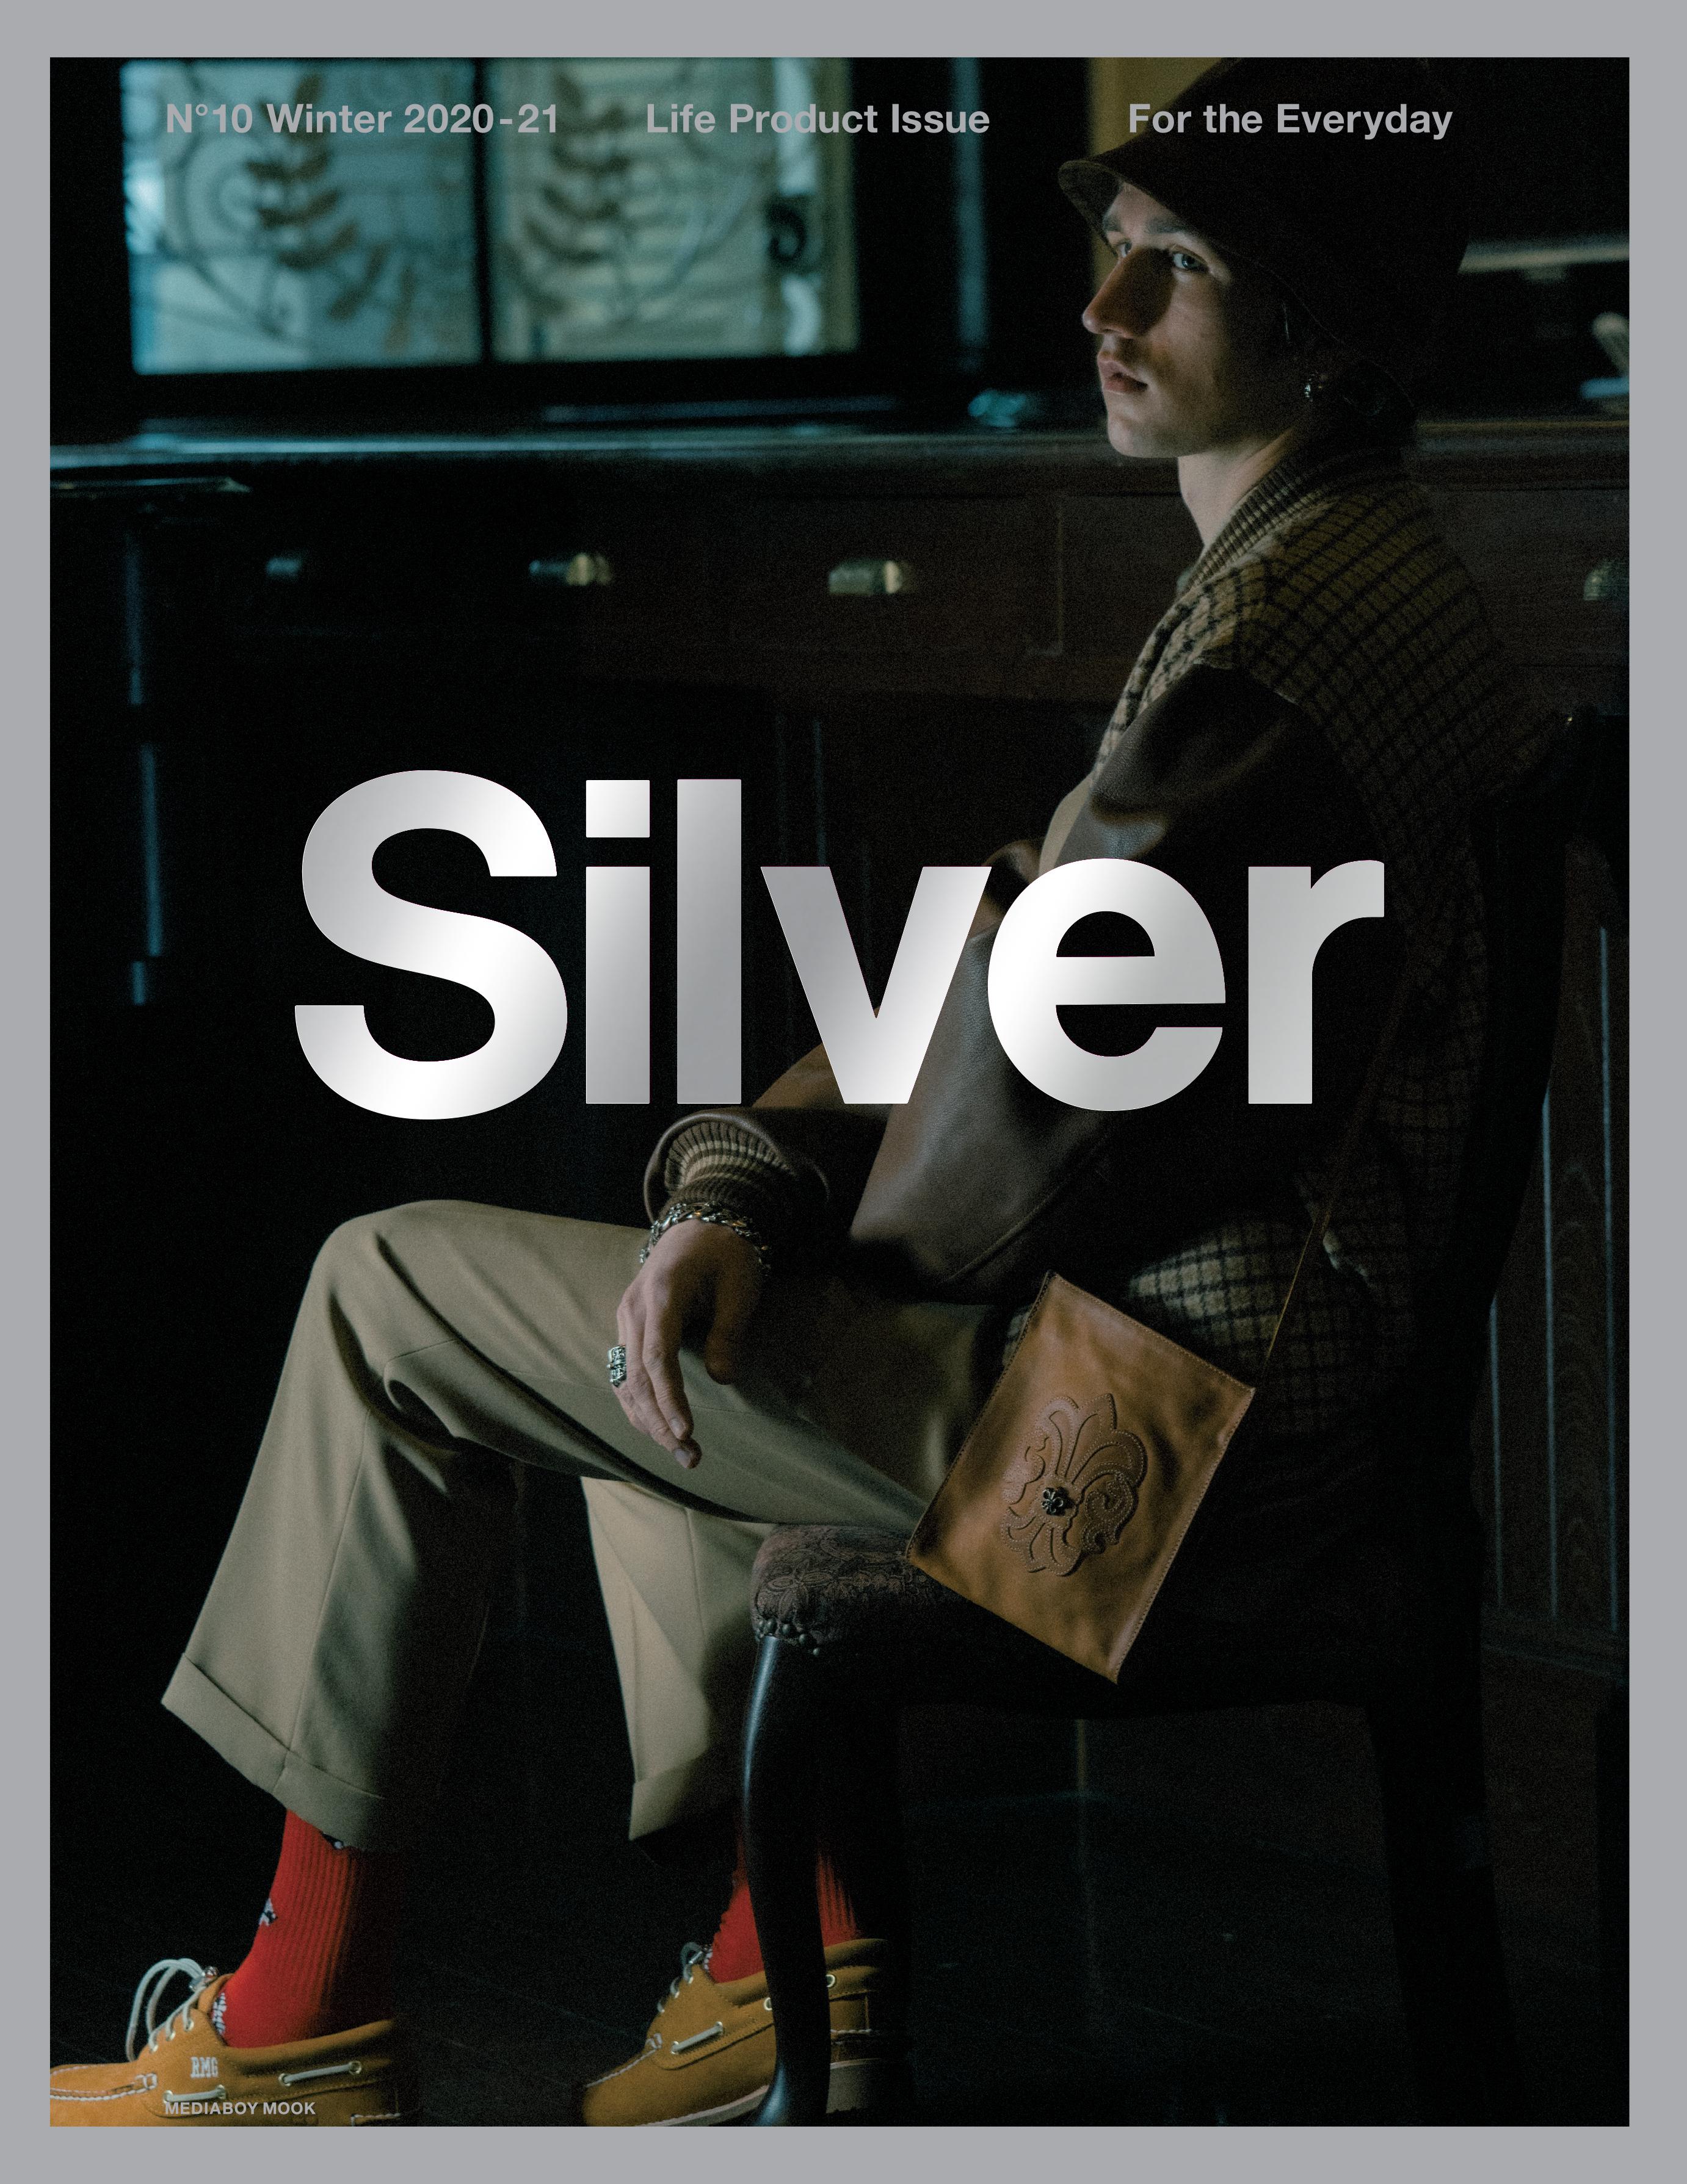 『Silver N゜9 Winter 2020-21』表紙画像